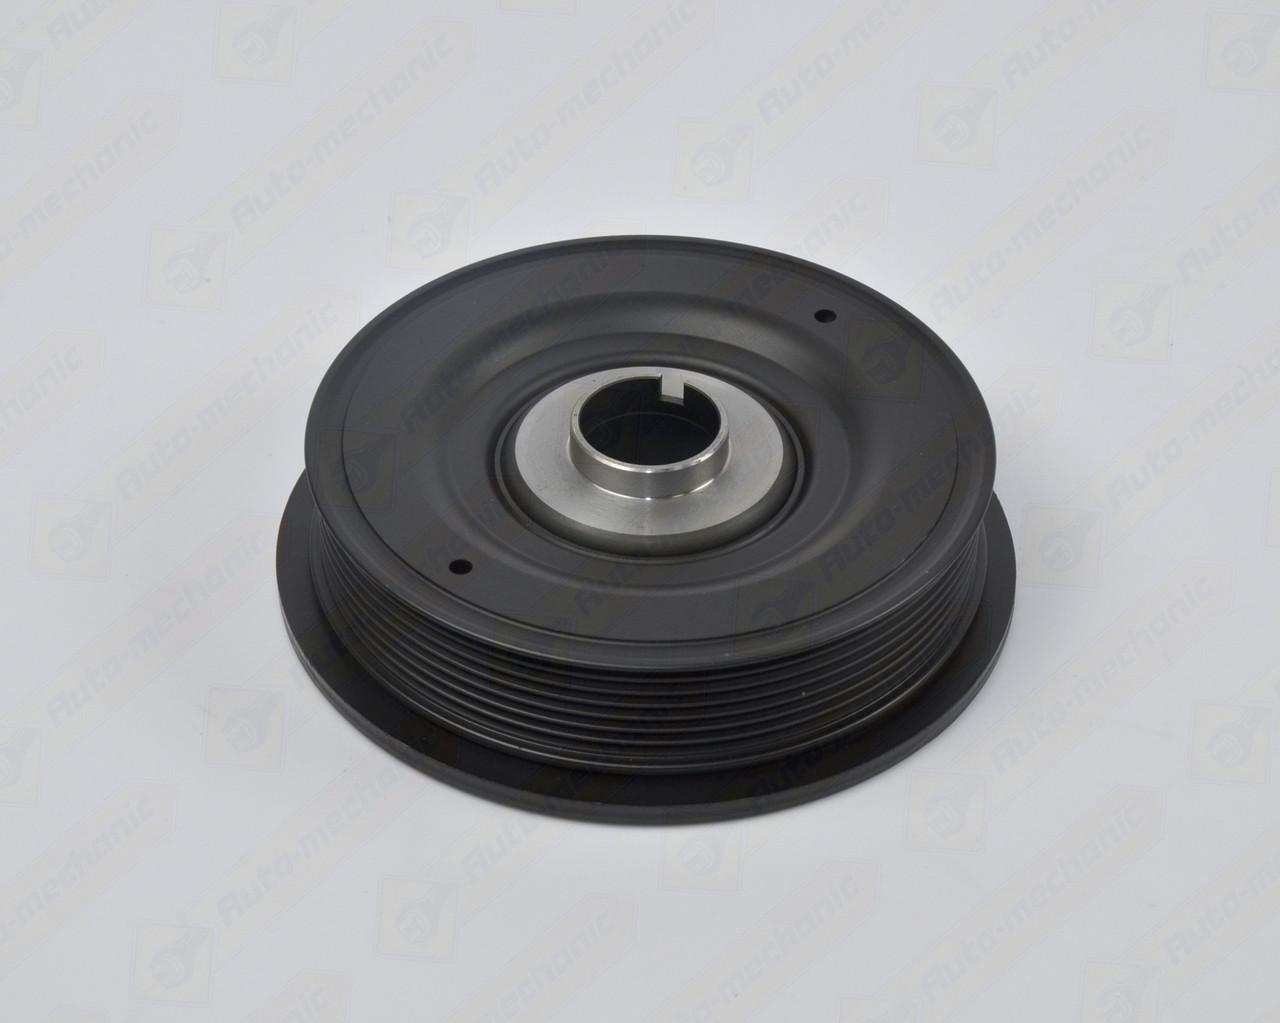 Ременной шкив коленчатого вала на Renault Master II 2006->2010 2.5dCi (7PK) - Impergom (Италия) - IMP10329